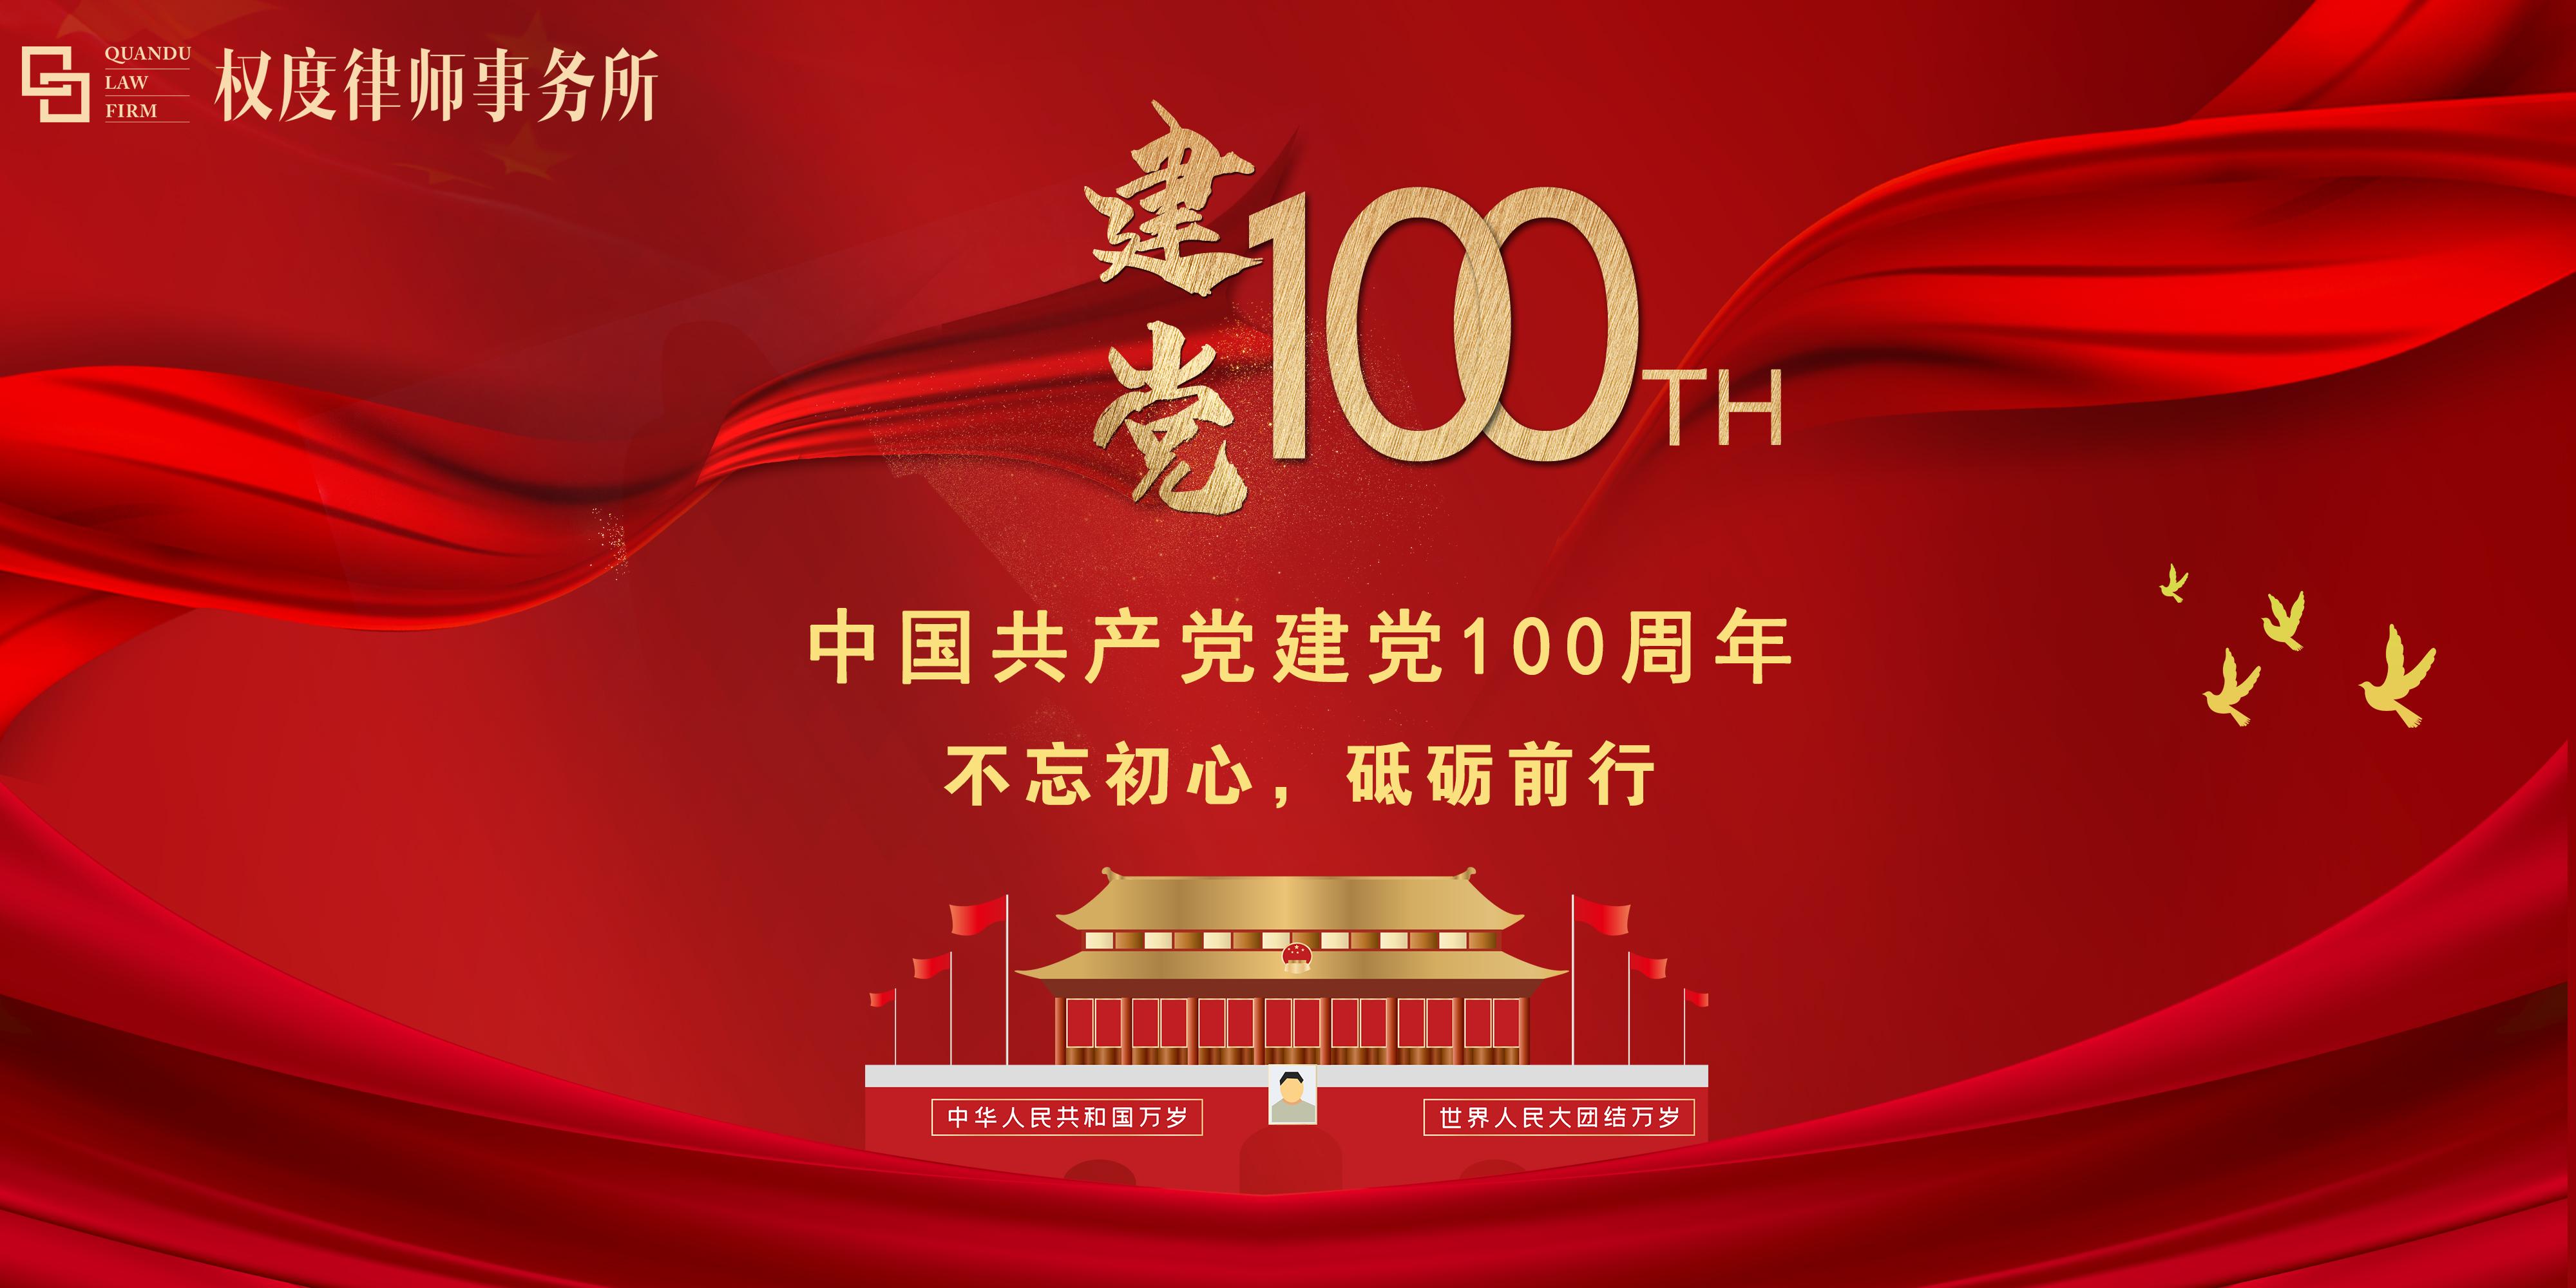 权度律所丨庆祝中国共产党建党100周年